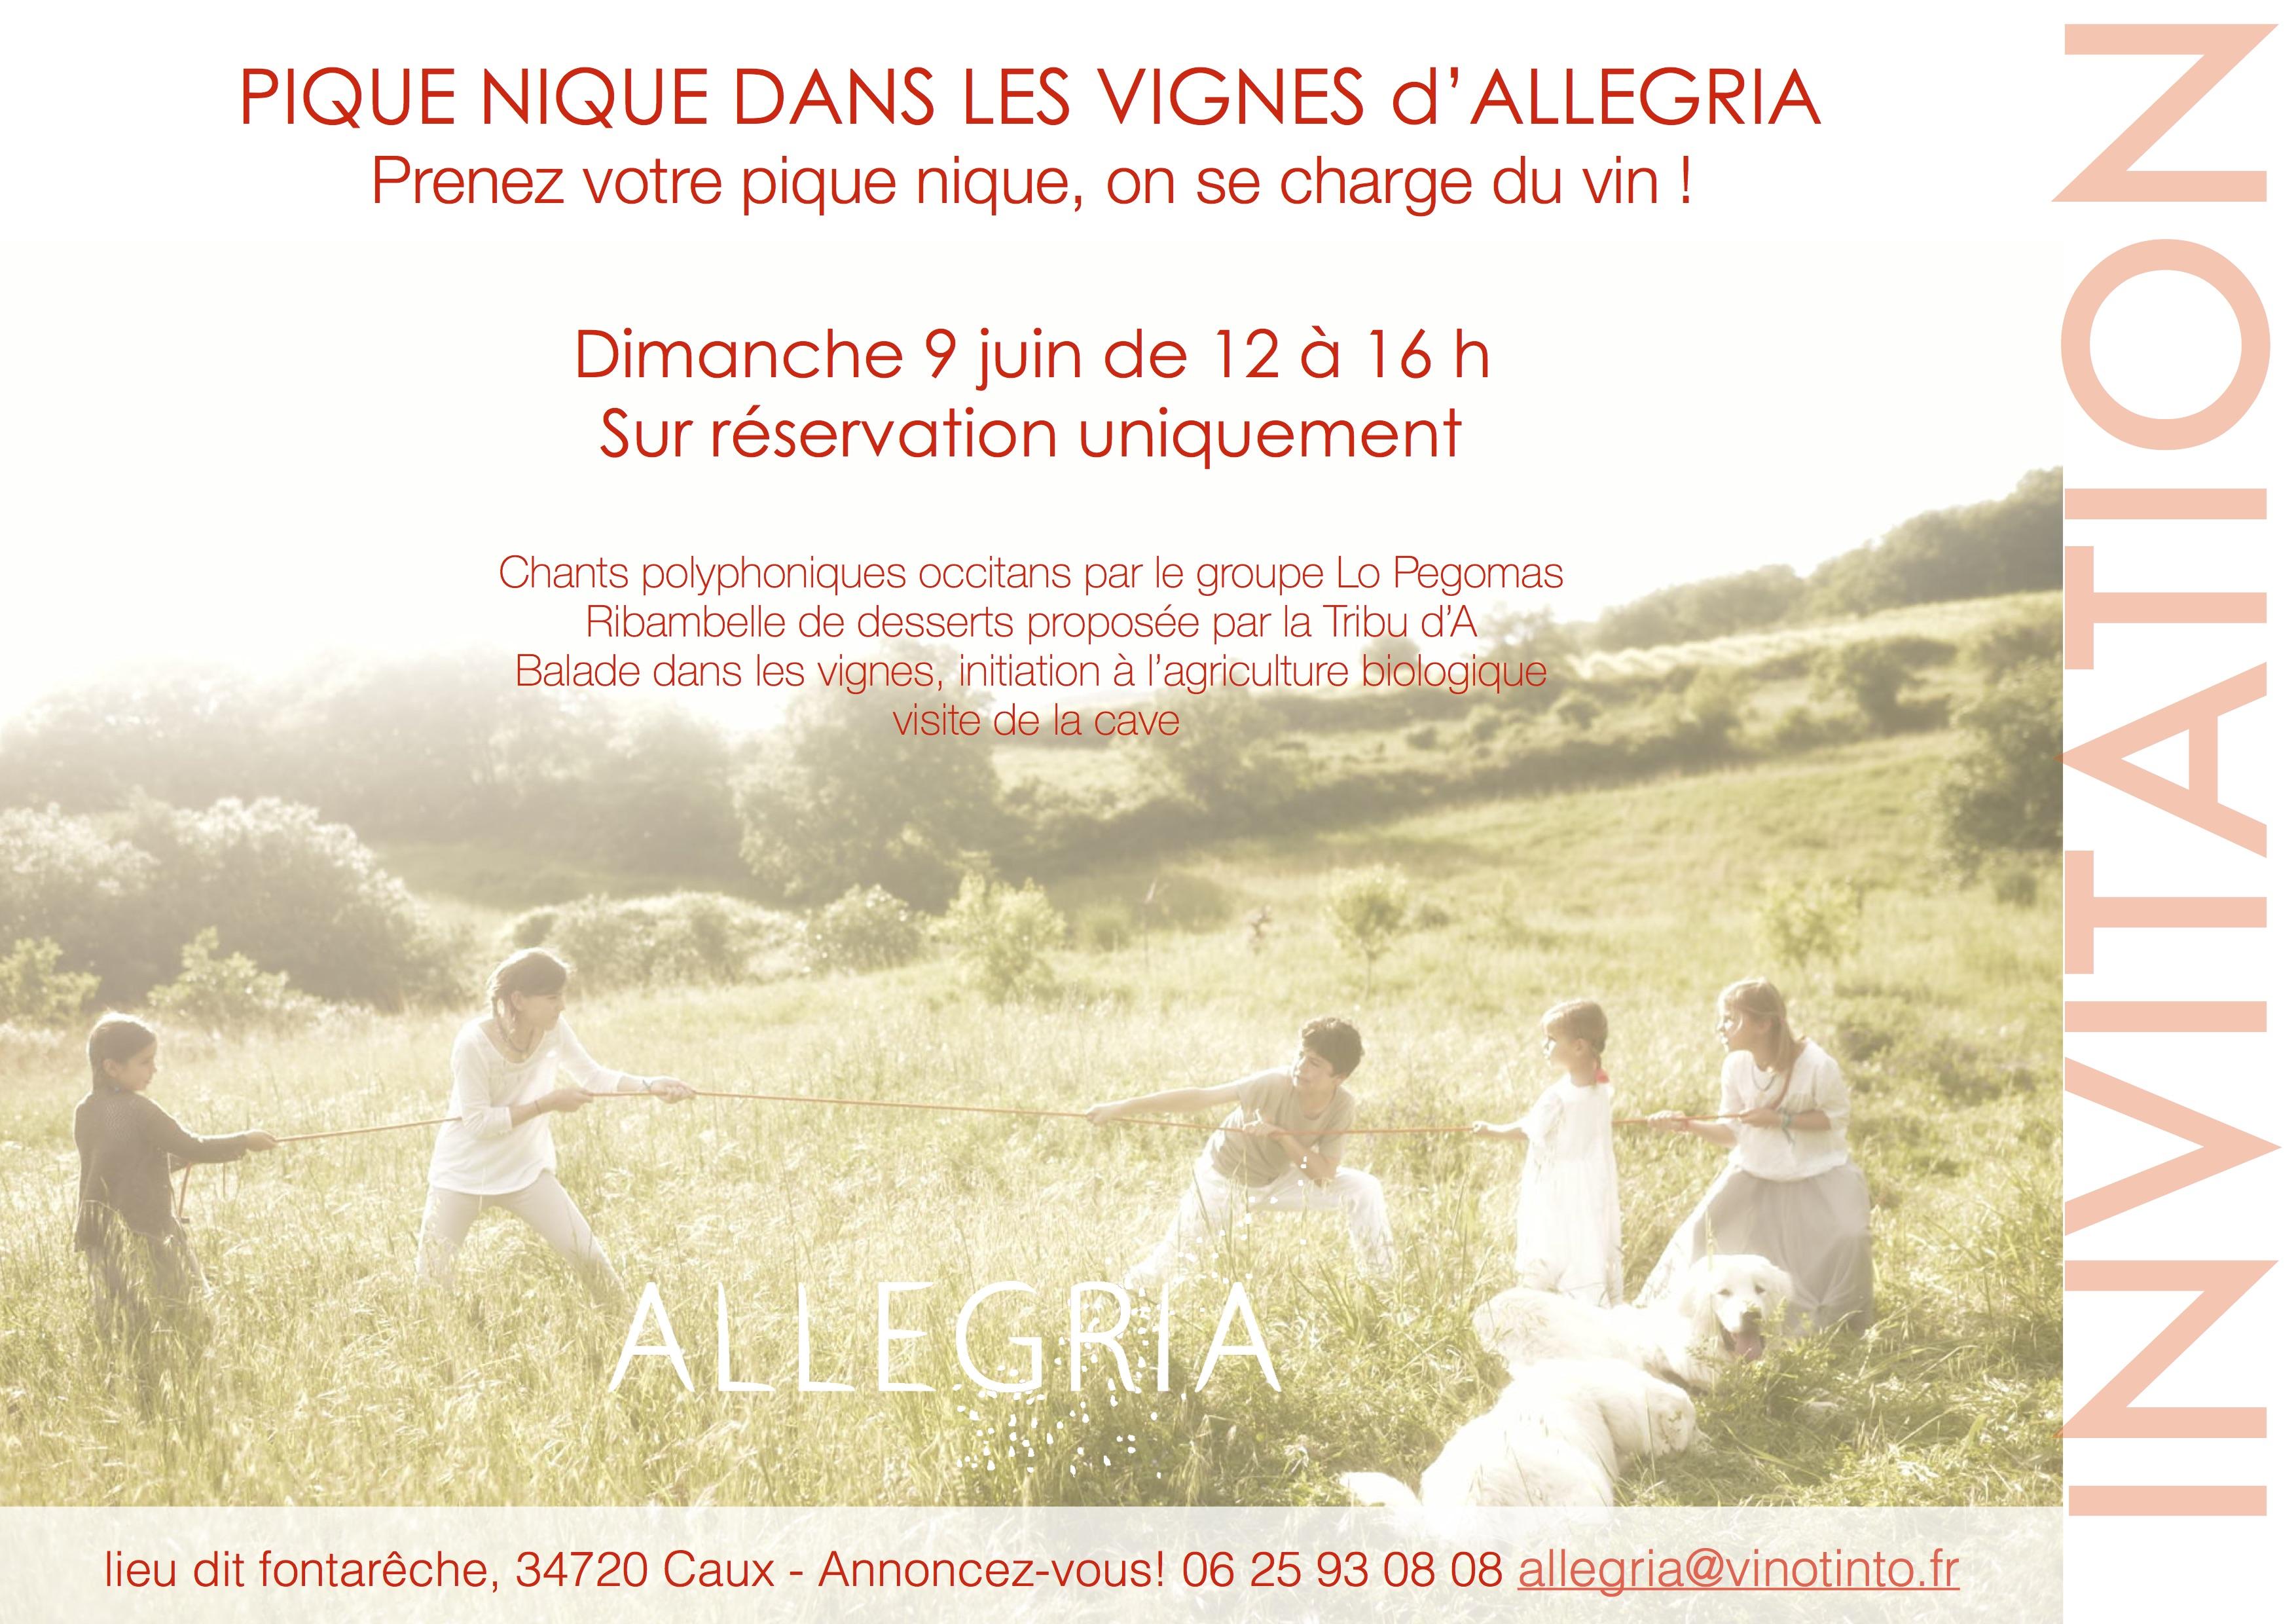 Pique-nique dans les vignes d'Allegria , c'est DEMAIN!!